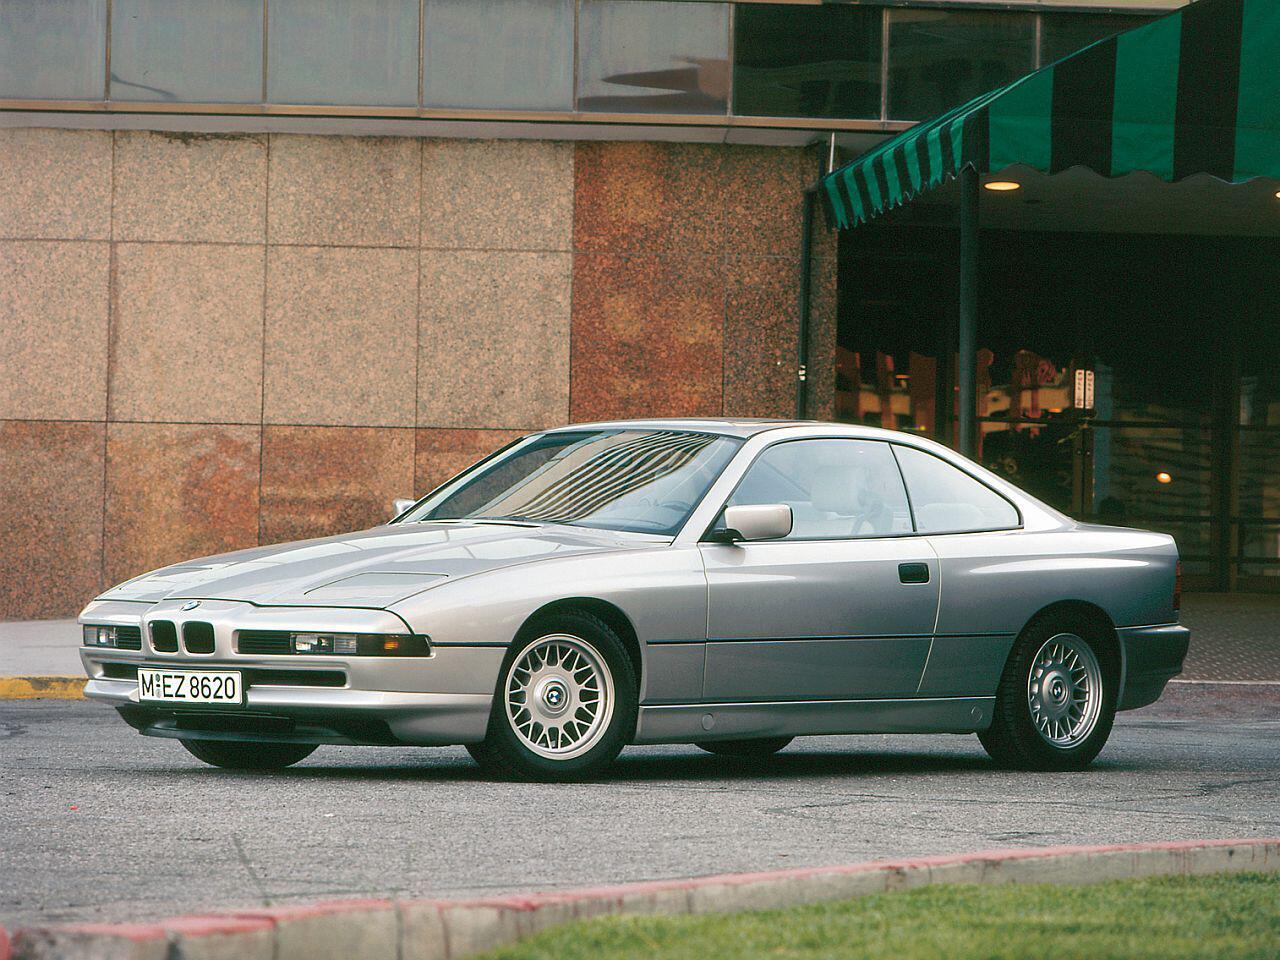 Bild zu 25-jähriges Jubiläum: Das fast vergessene Oberklasse-Coupé BMW 8er